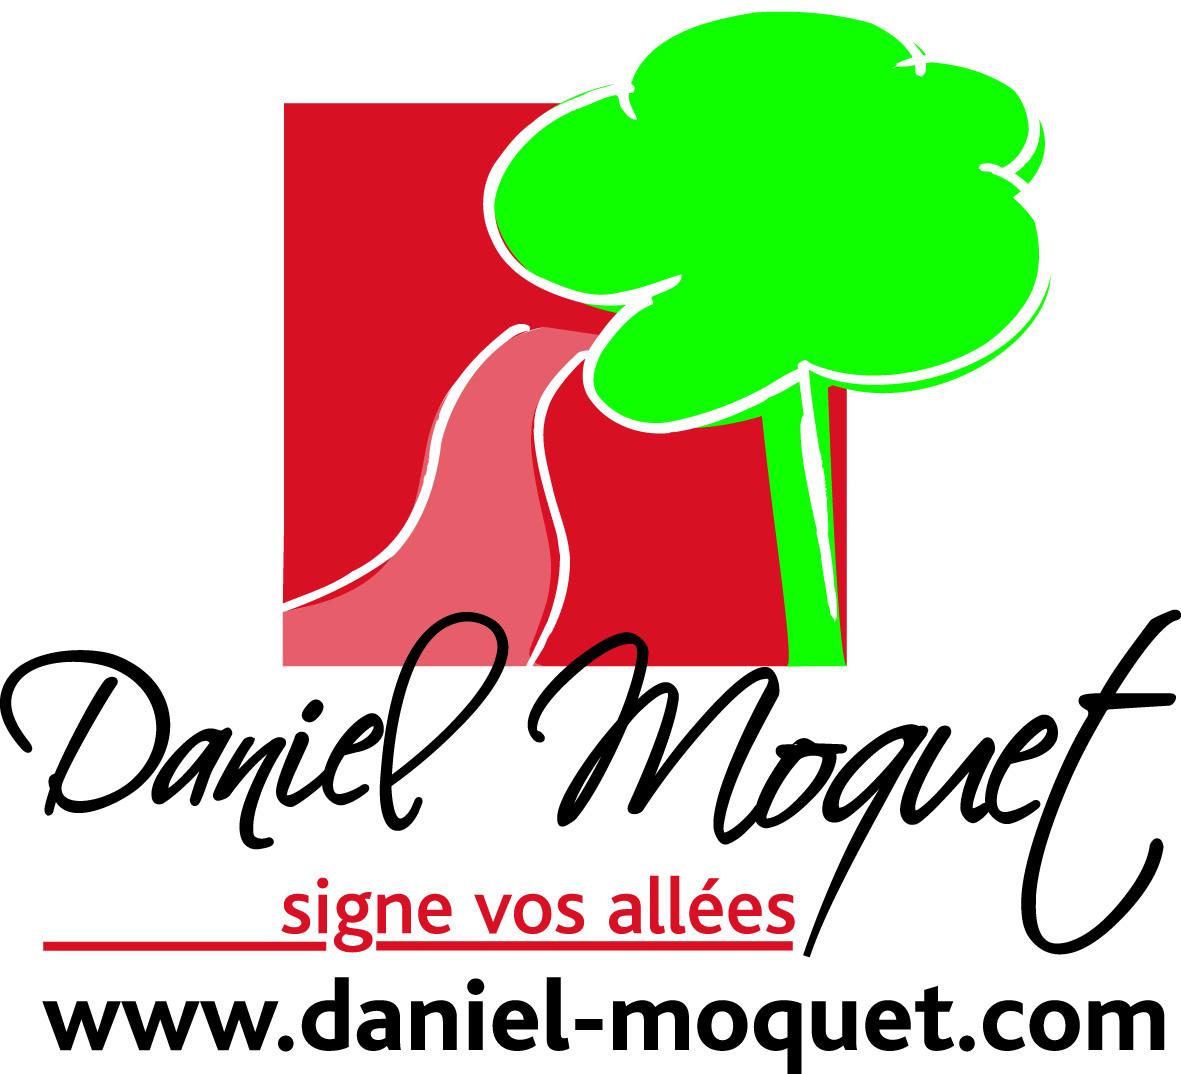 Daniel Moquet signe vos allées - Ent. Reynders Logo